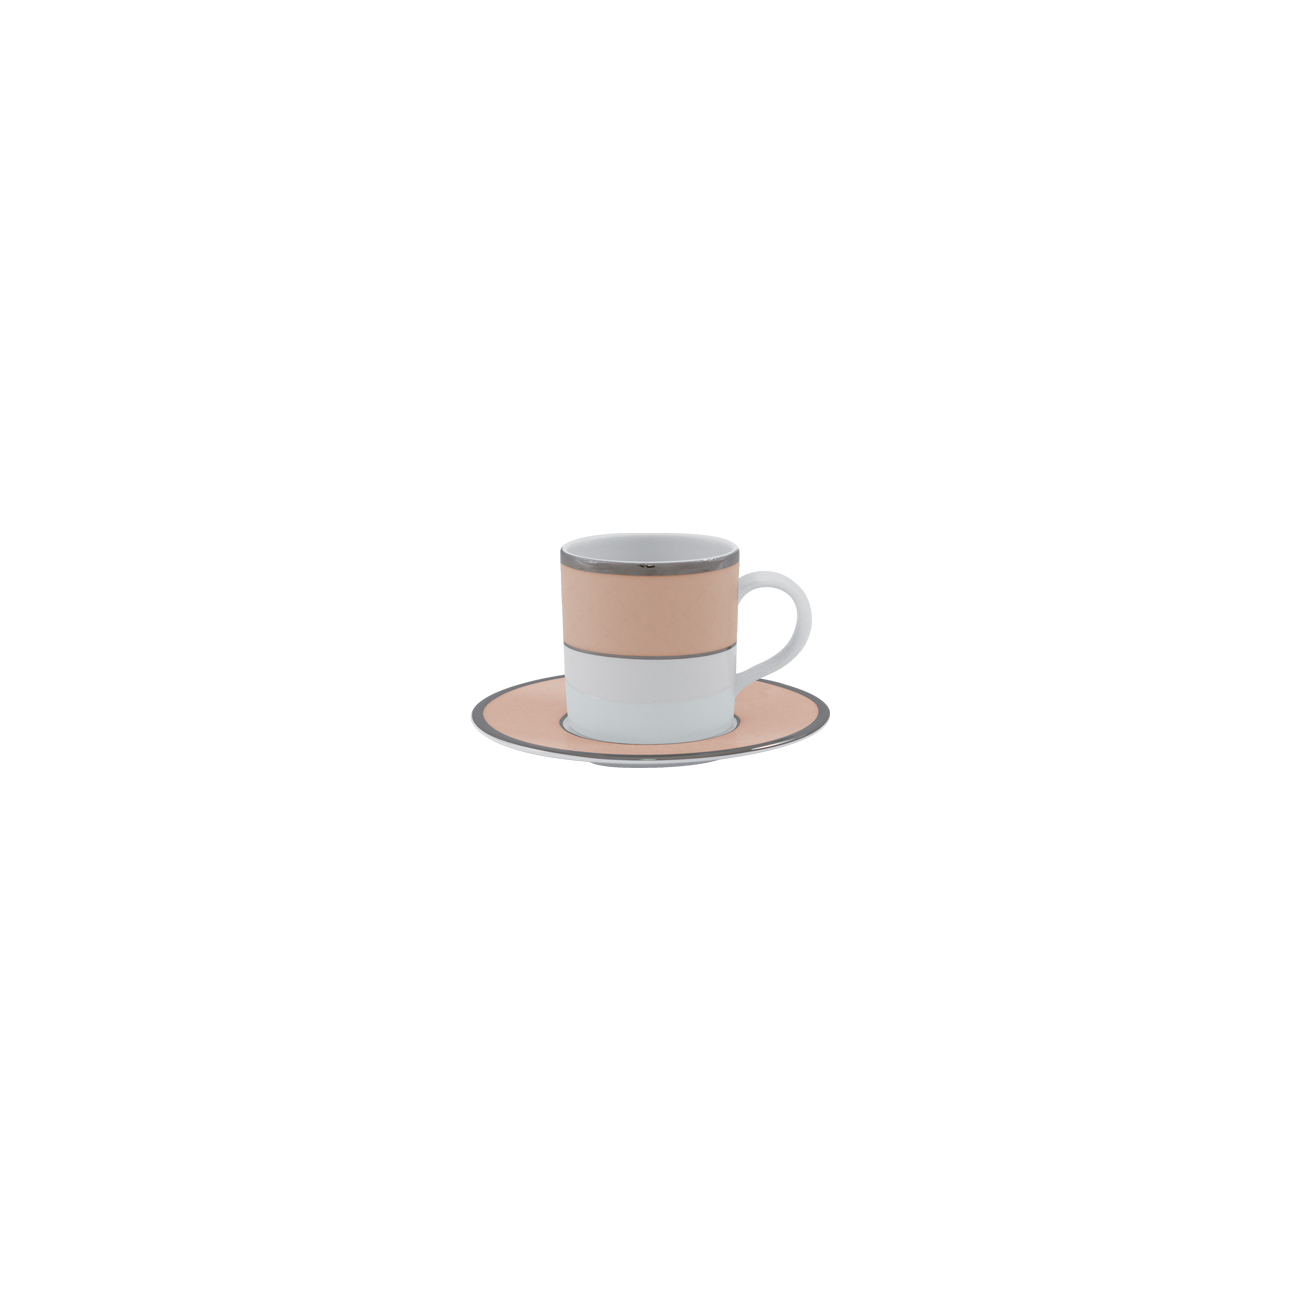 Chávena Café 9cl Bia + Pires Café 11cm Bia 0